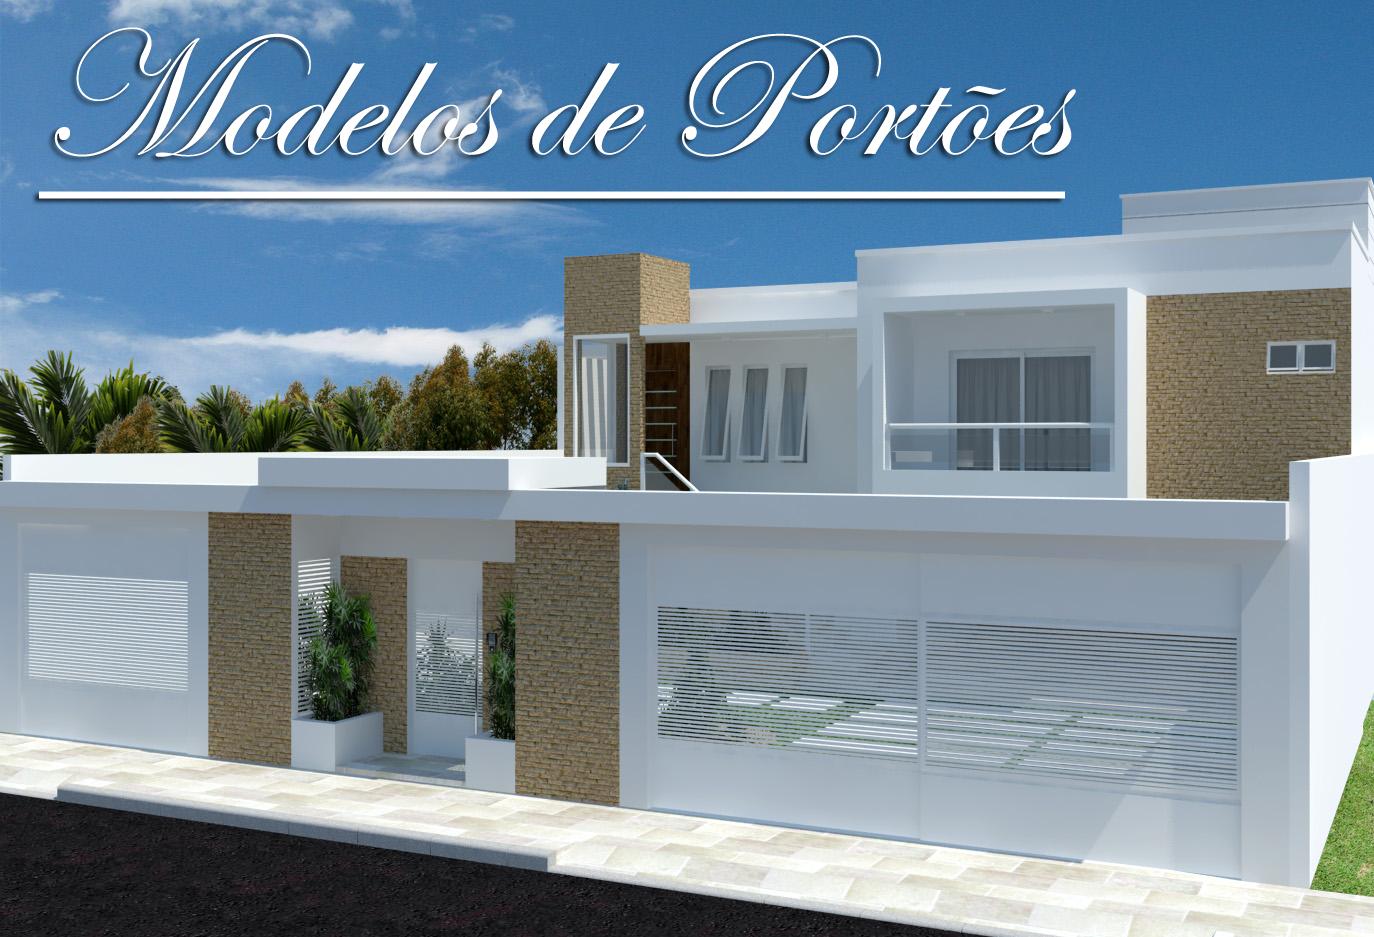 Fachadas de casas bonitas modelos ideias e produtos - Modelos de casas modernas ...